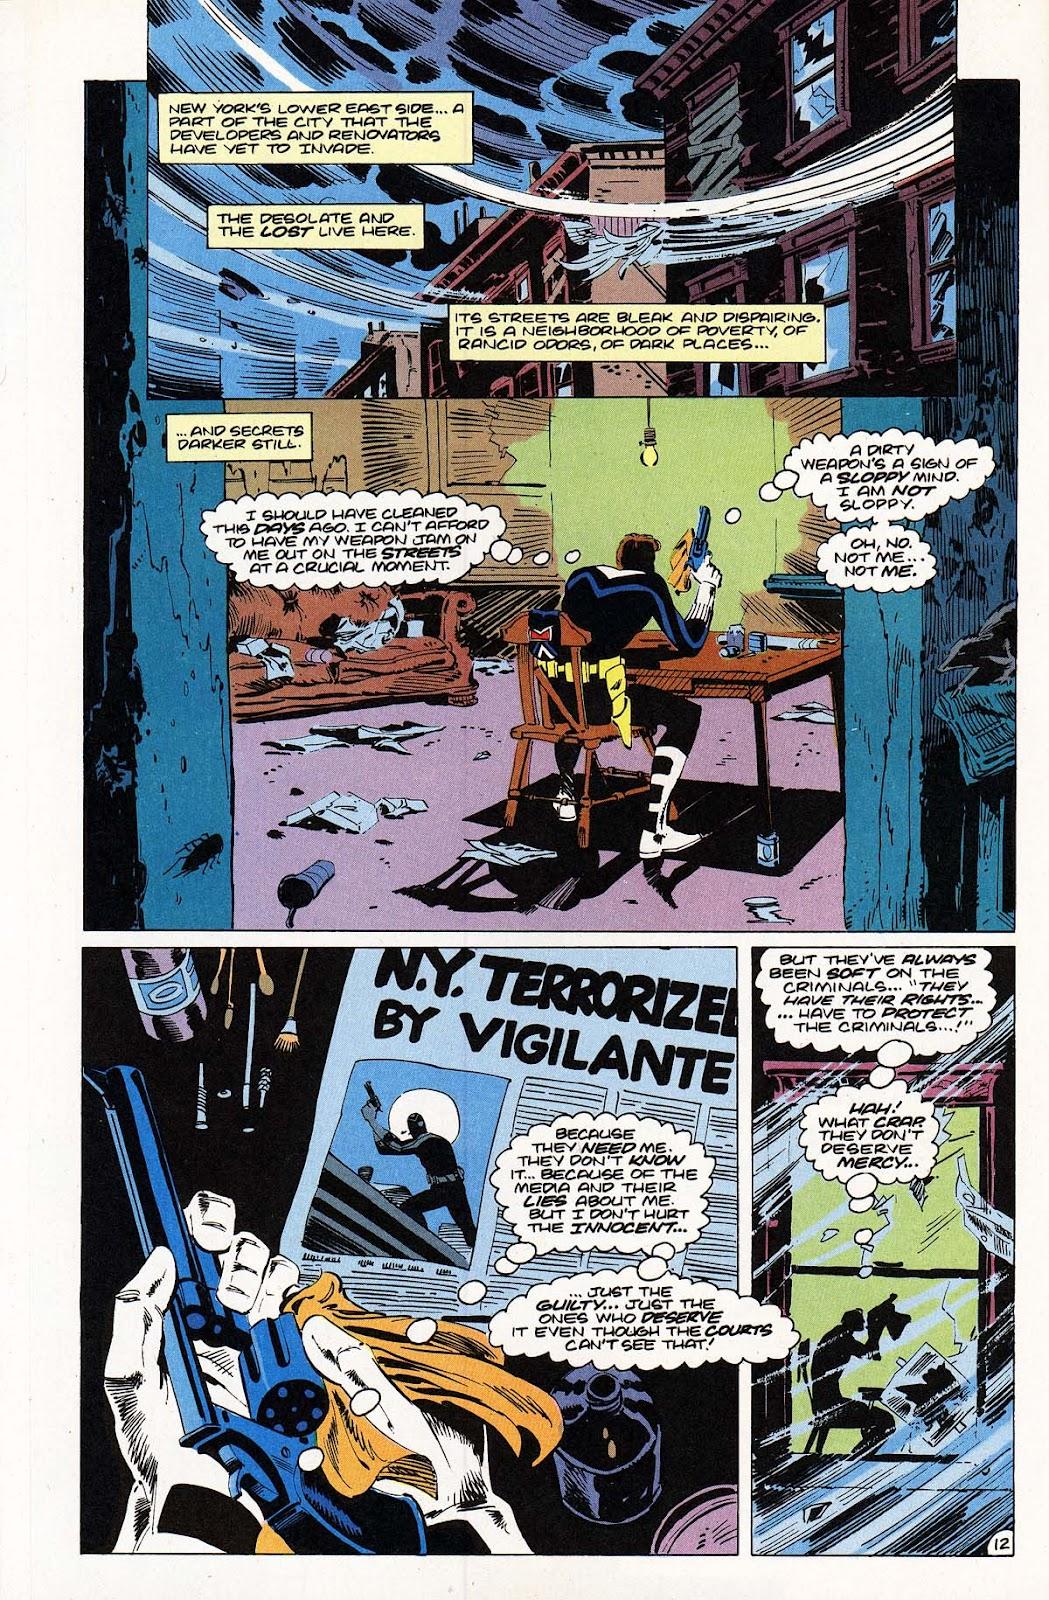 Vigilante (1983) issue 22 - Page 13